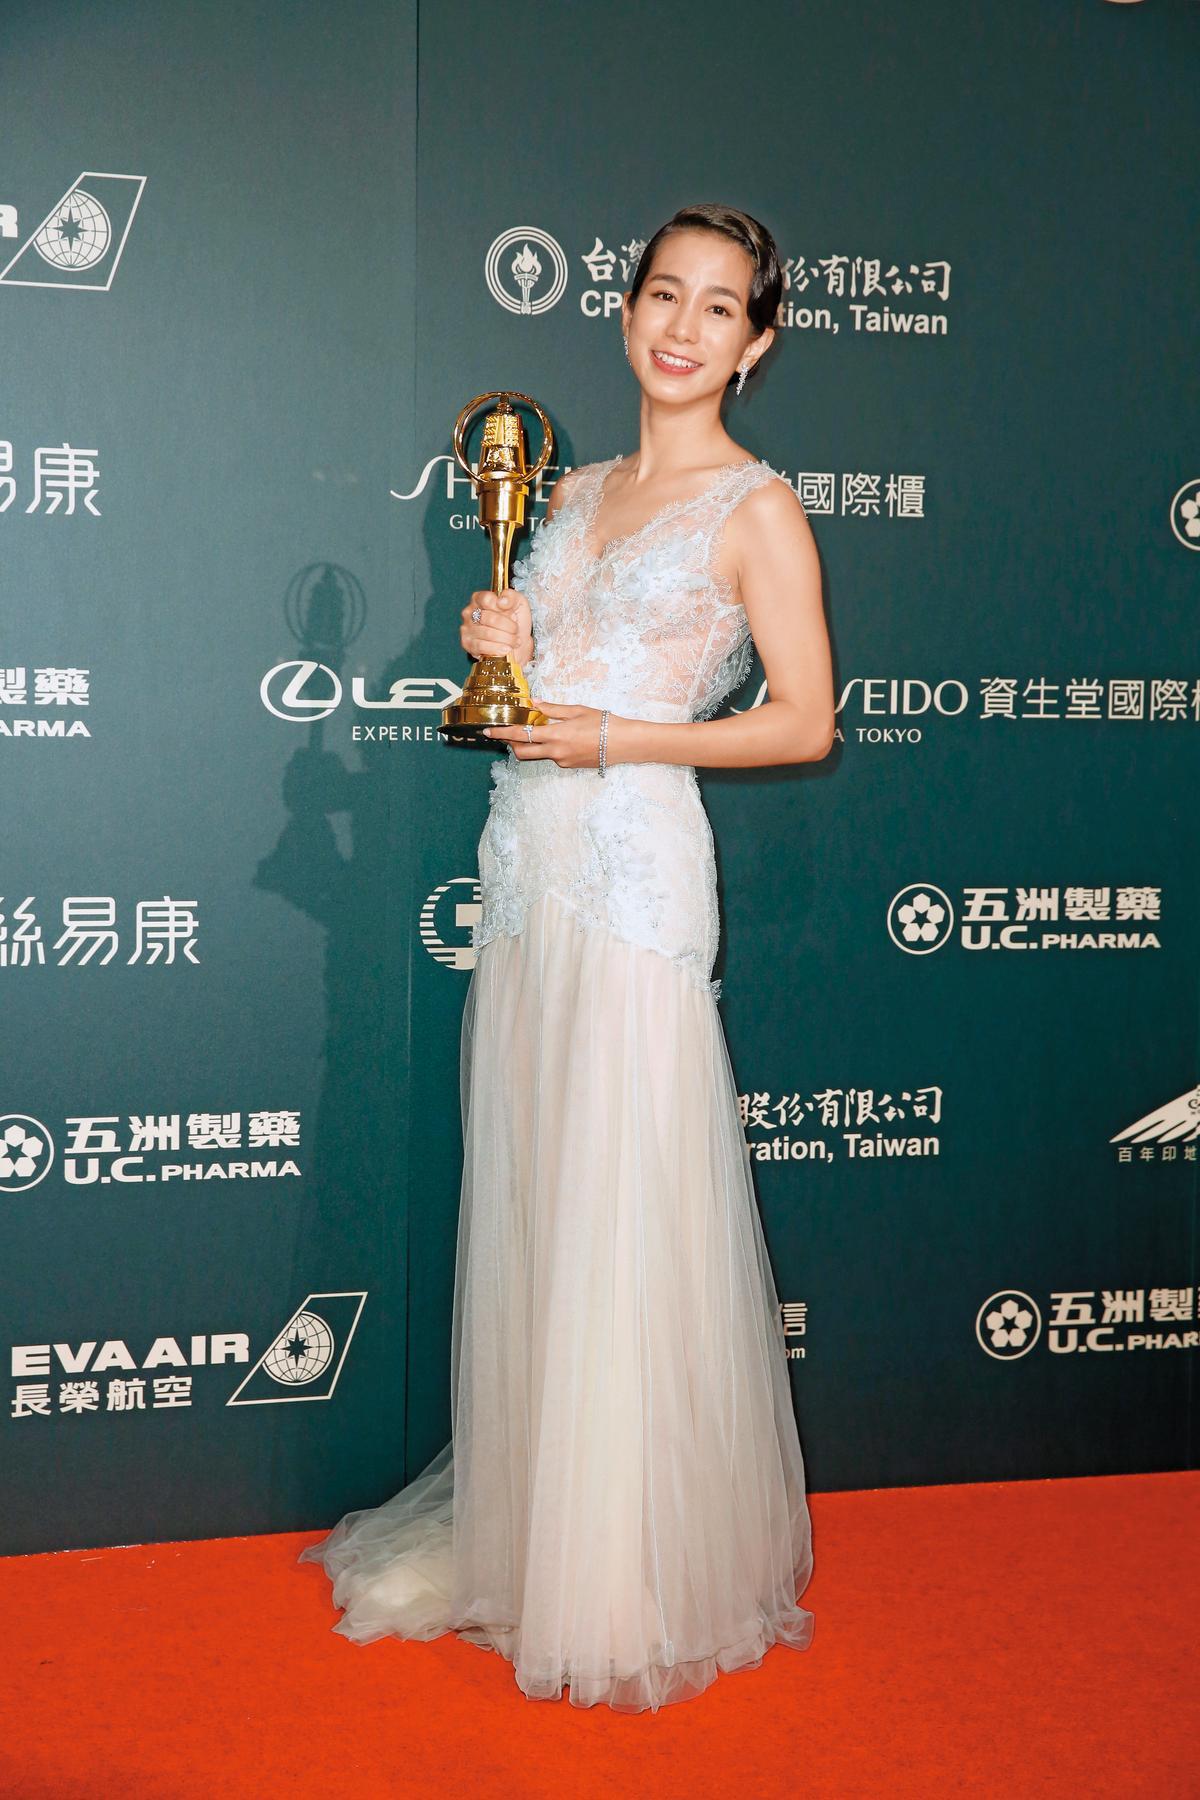 今年,溫貞菱憑《最後的詩句》摘下金鐘迷你視后,她在台上表示會把獎金拿來捐給流浪動物之家跟地球。